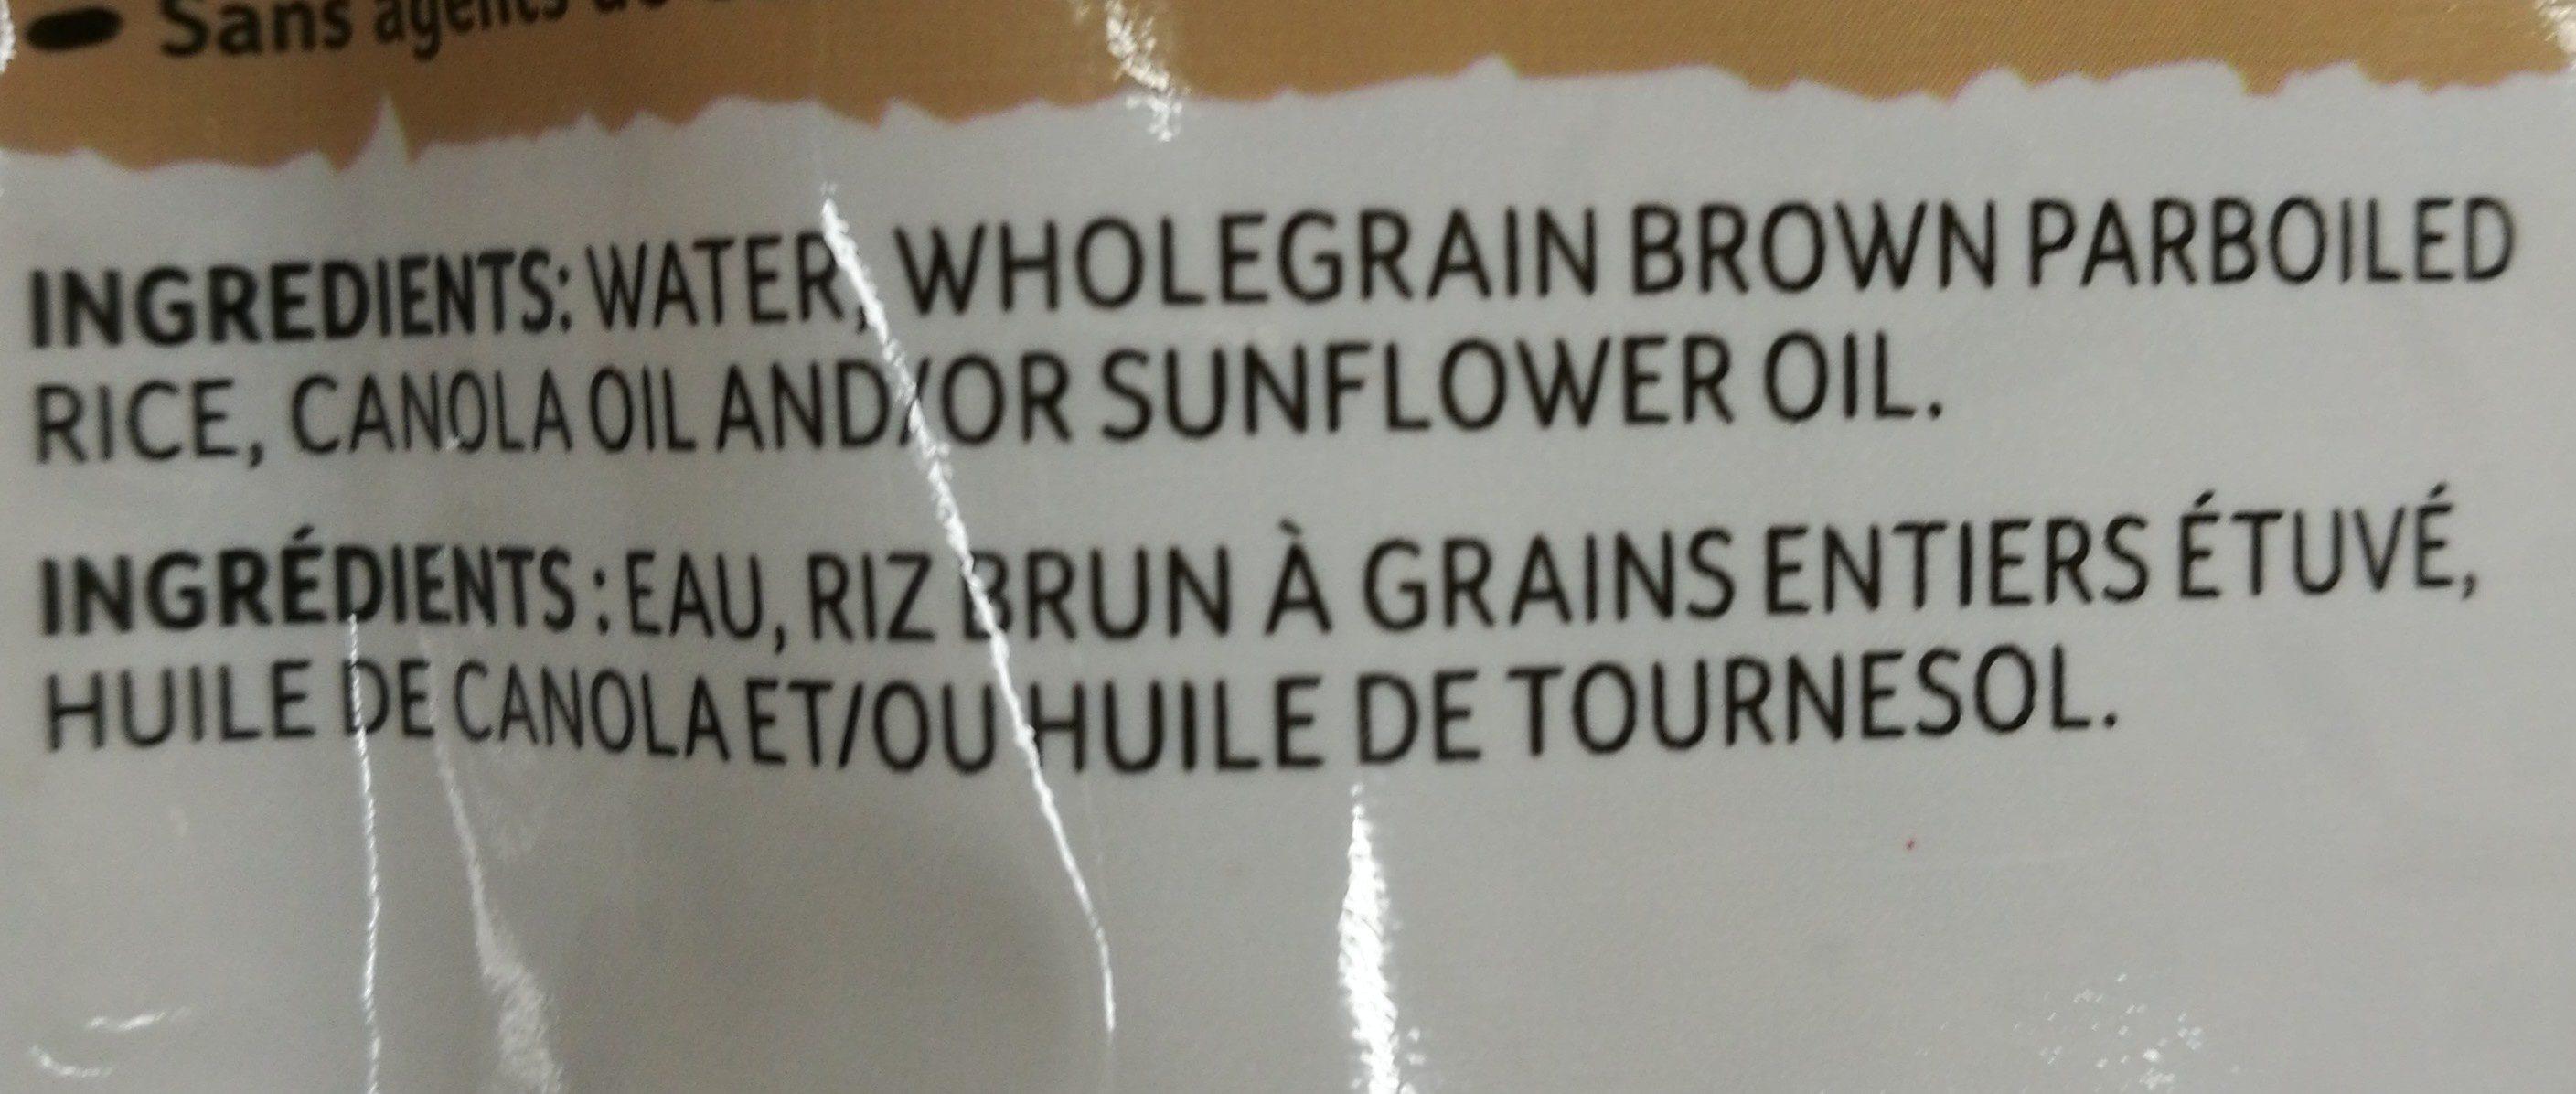 Bistro Express bruns à grains entiers - Ingrédients - fr